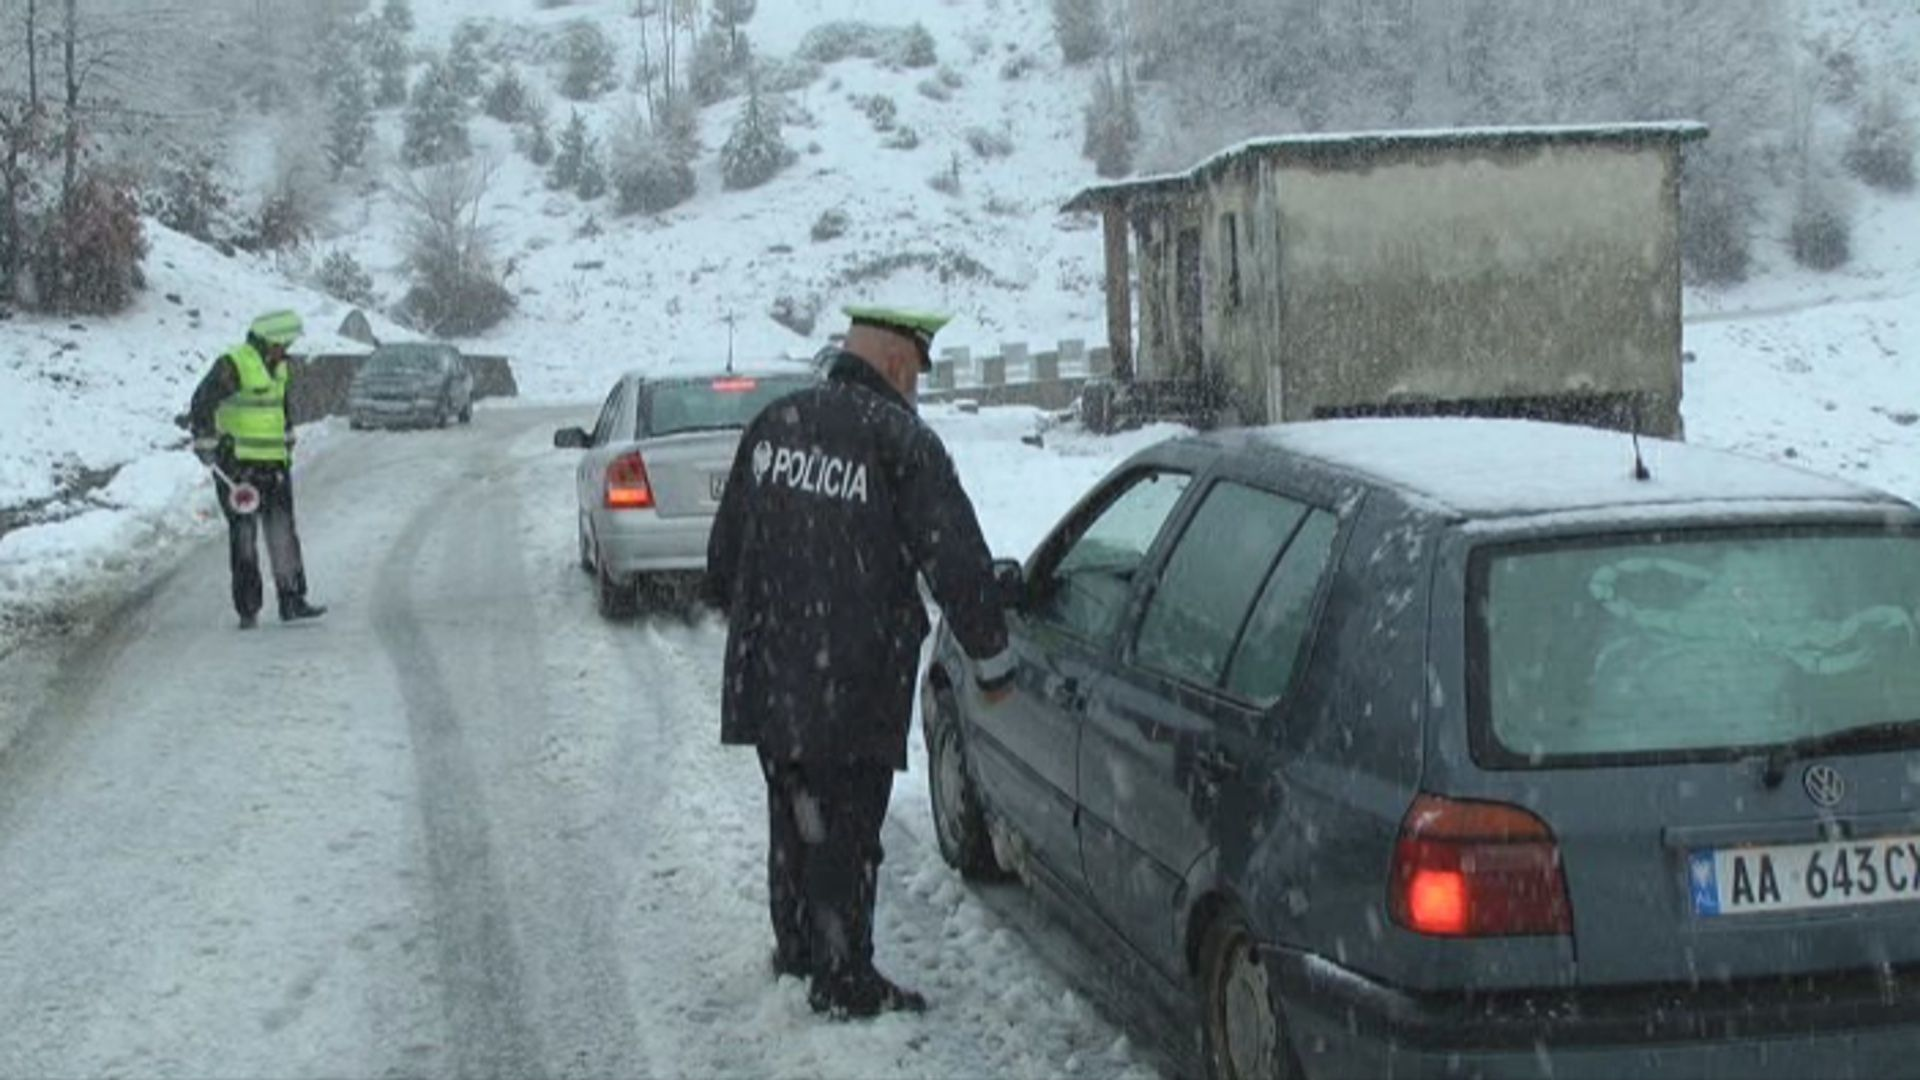 Ngricat/ 30-40 cm borë në zonat malore, ja rrugët ku duhen zinxhirët